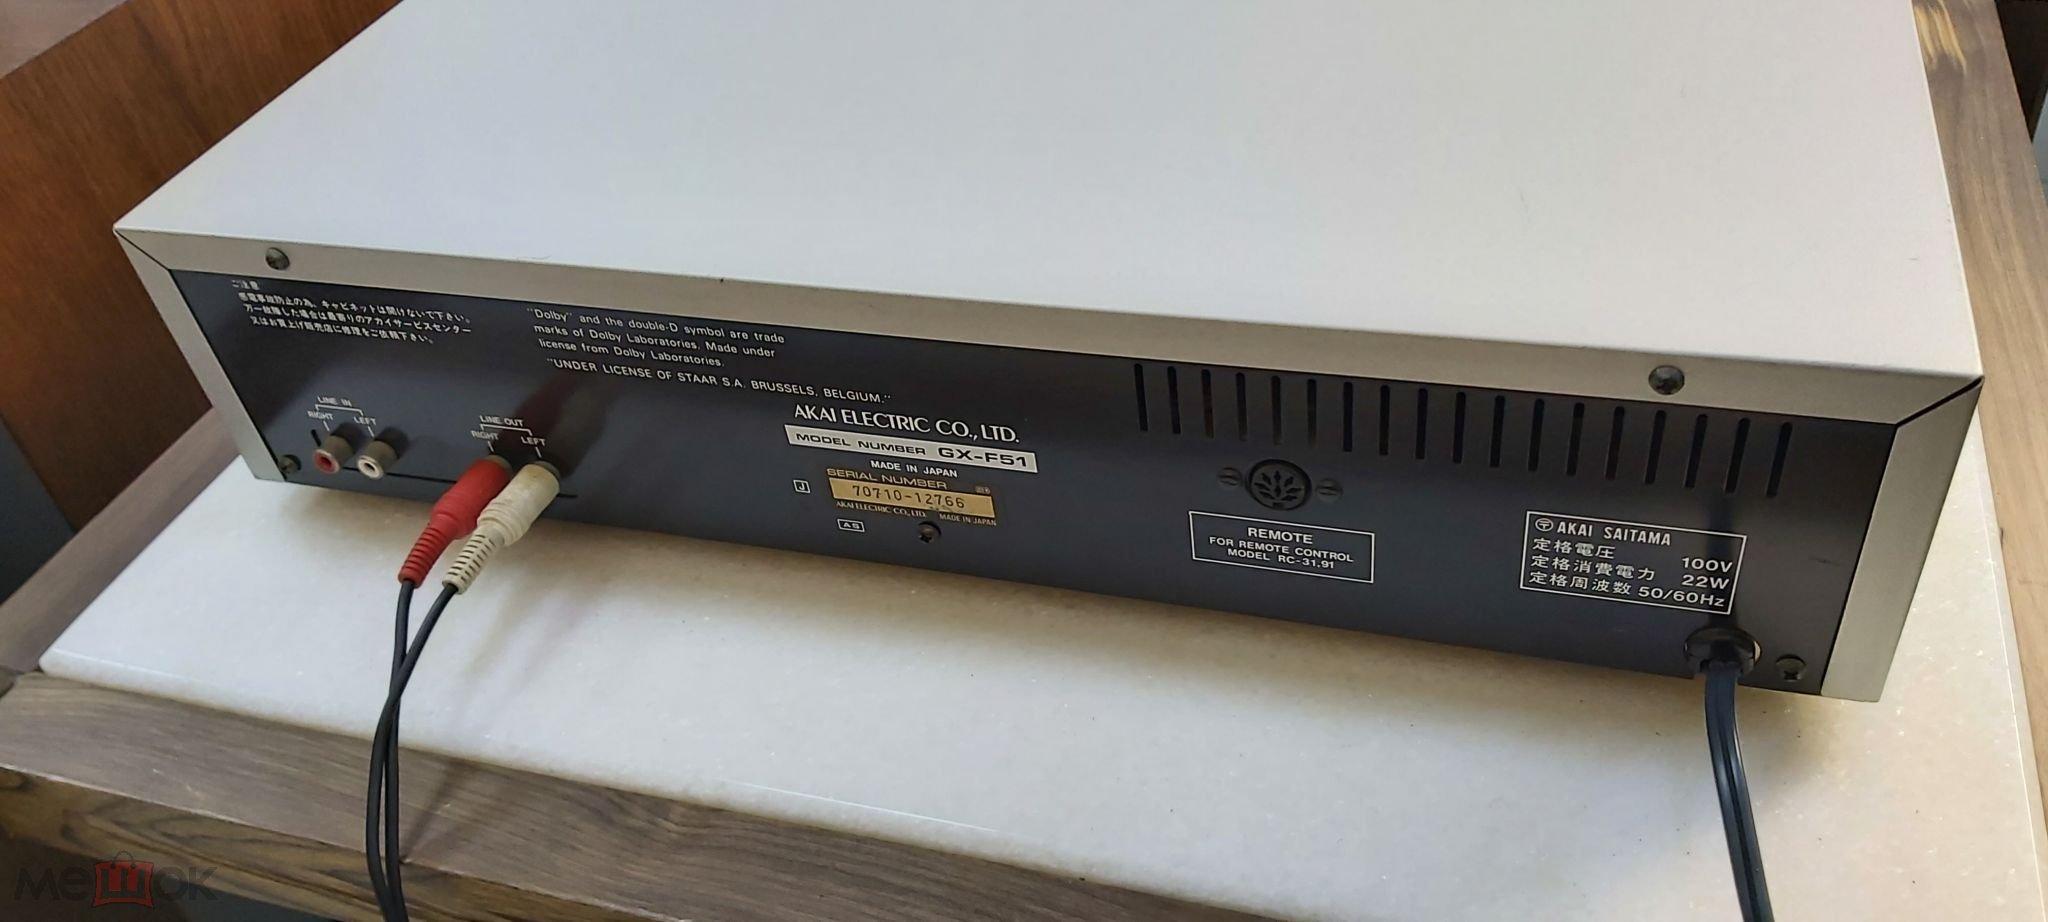 AKAI GX-F51 красивая модель, высокое качество звучания, записи. Идеальное тех. состояние. Япония.